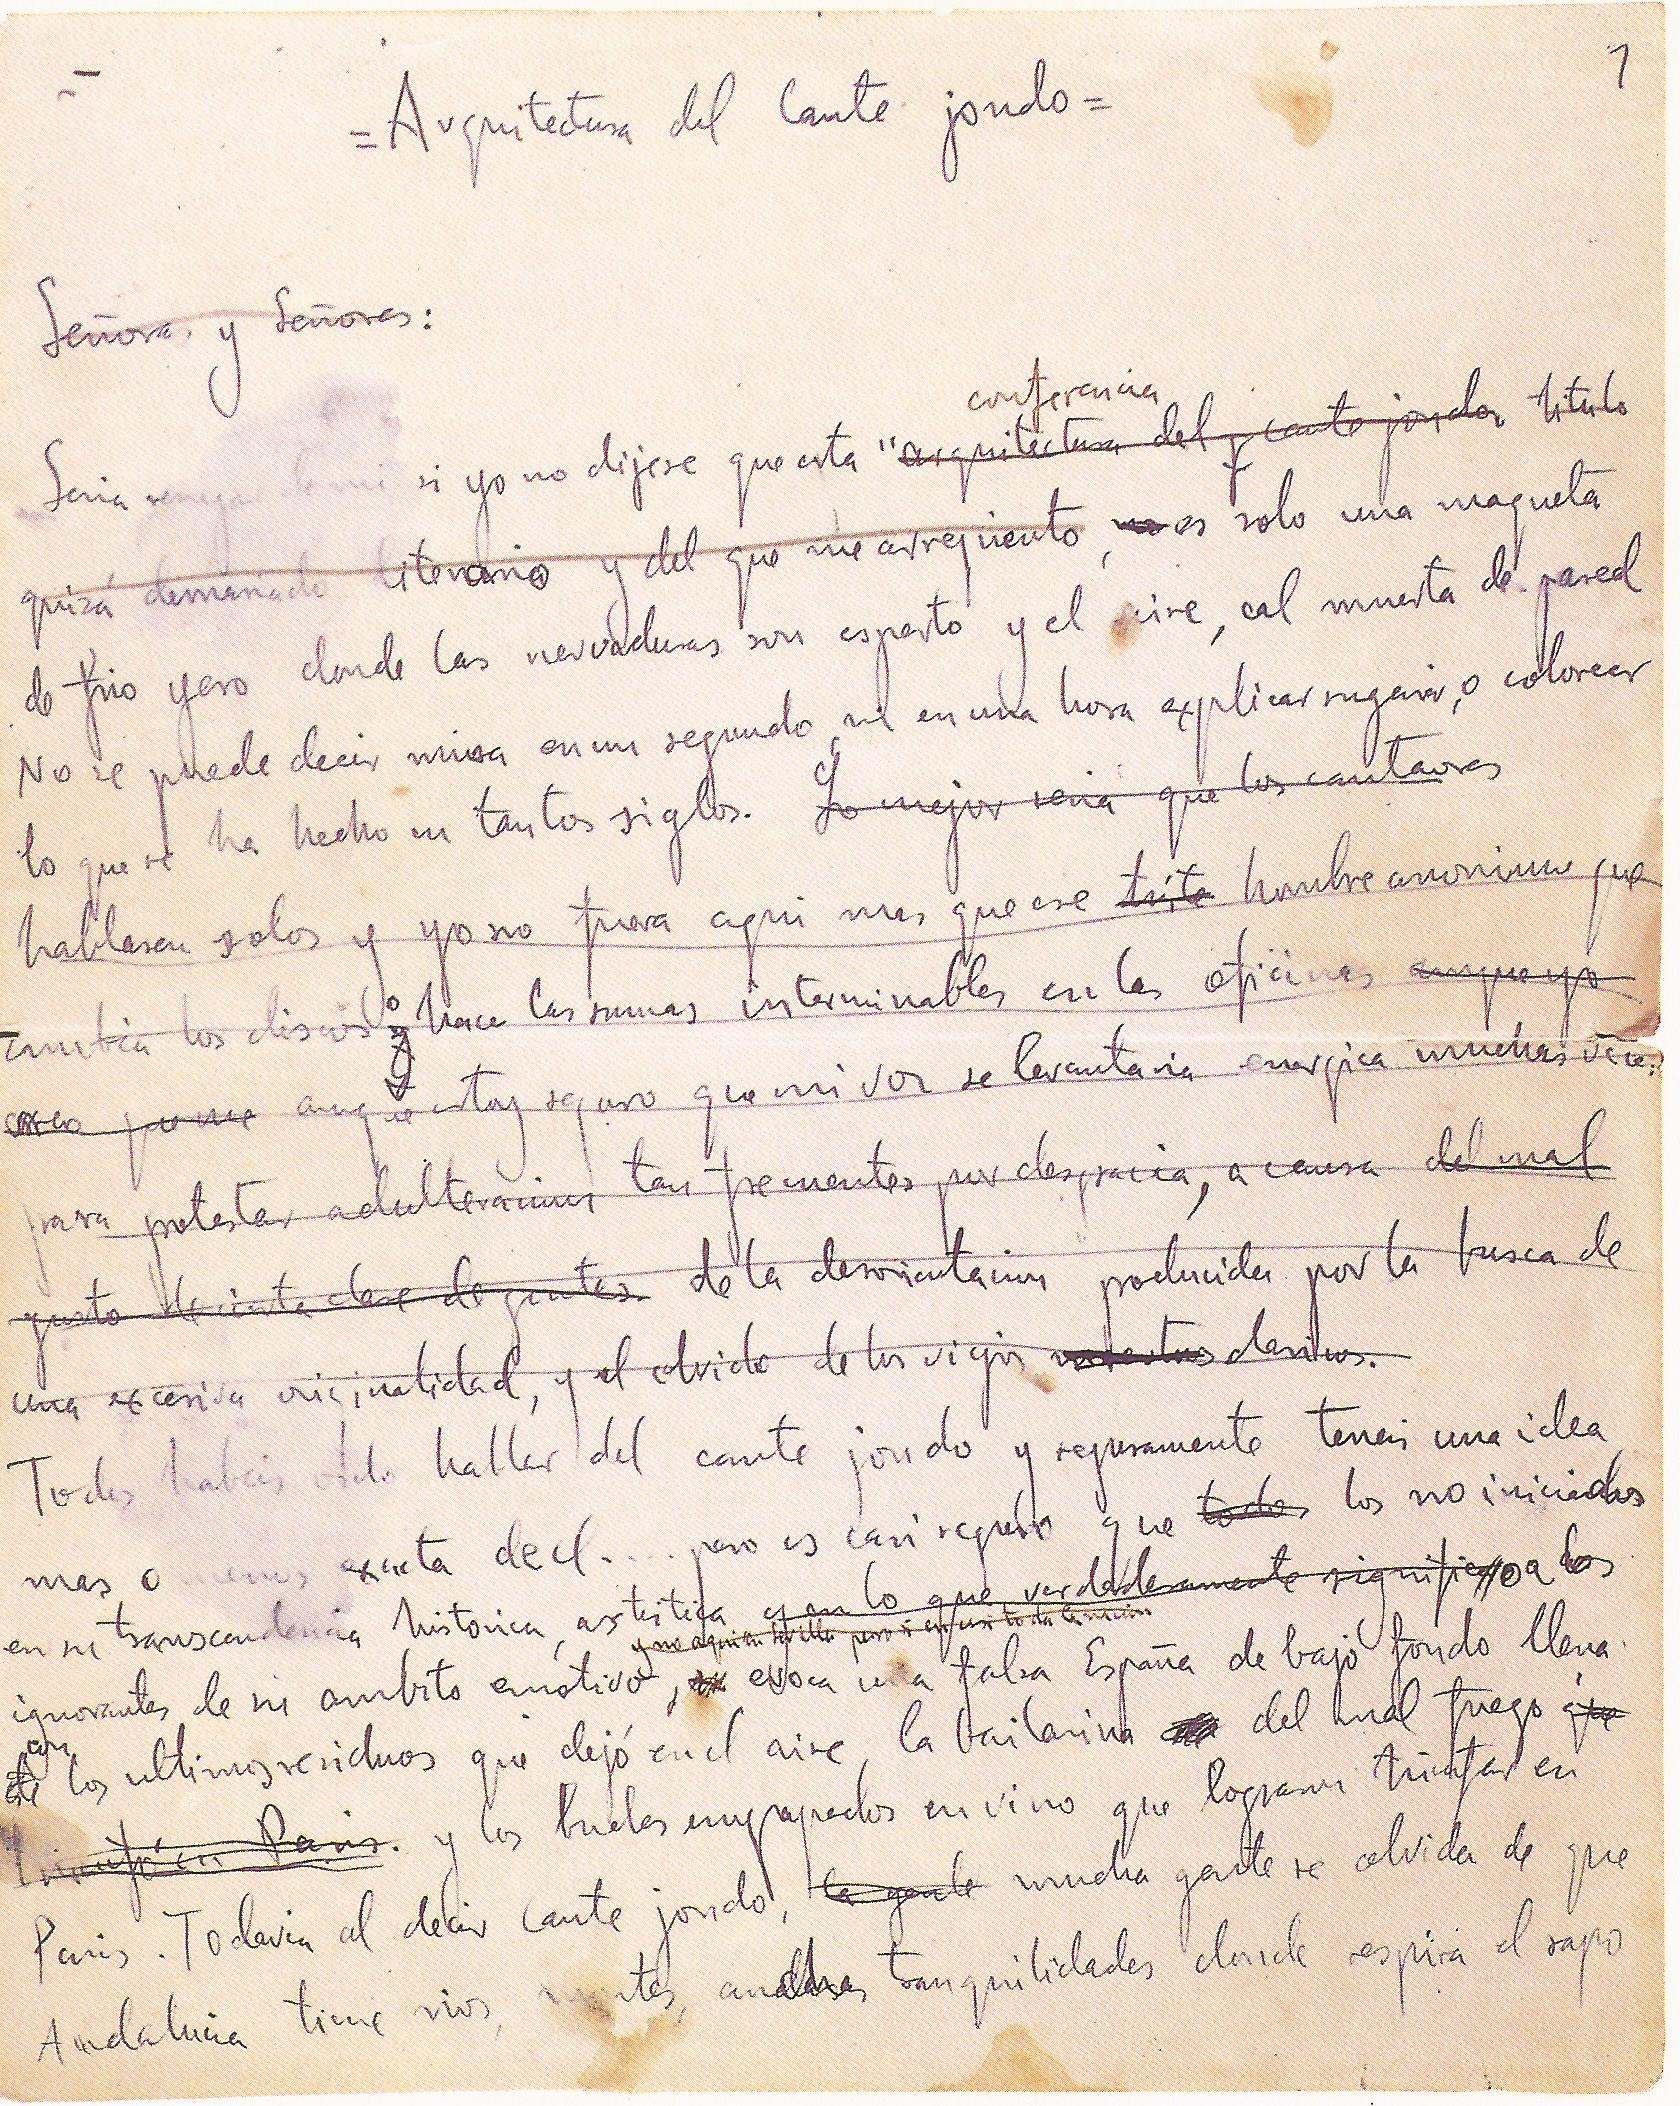 Página manuscrita de la conferencia de Lorca 'Arquitectura del cante jondo'.